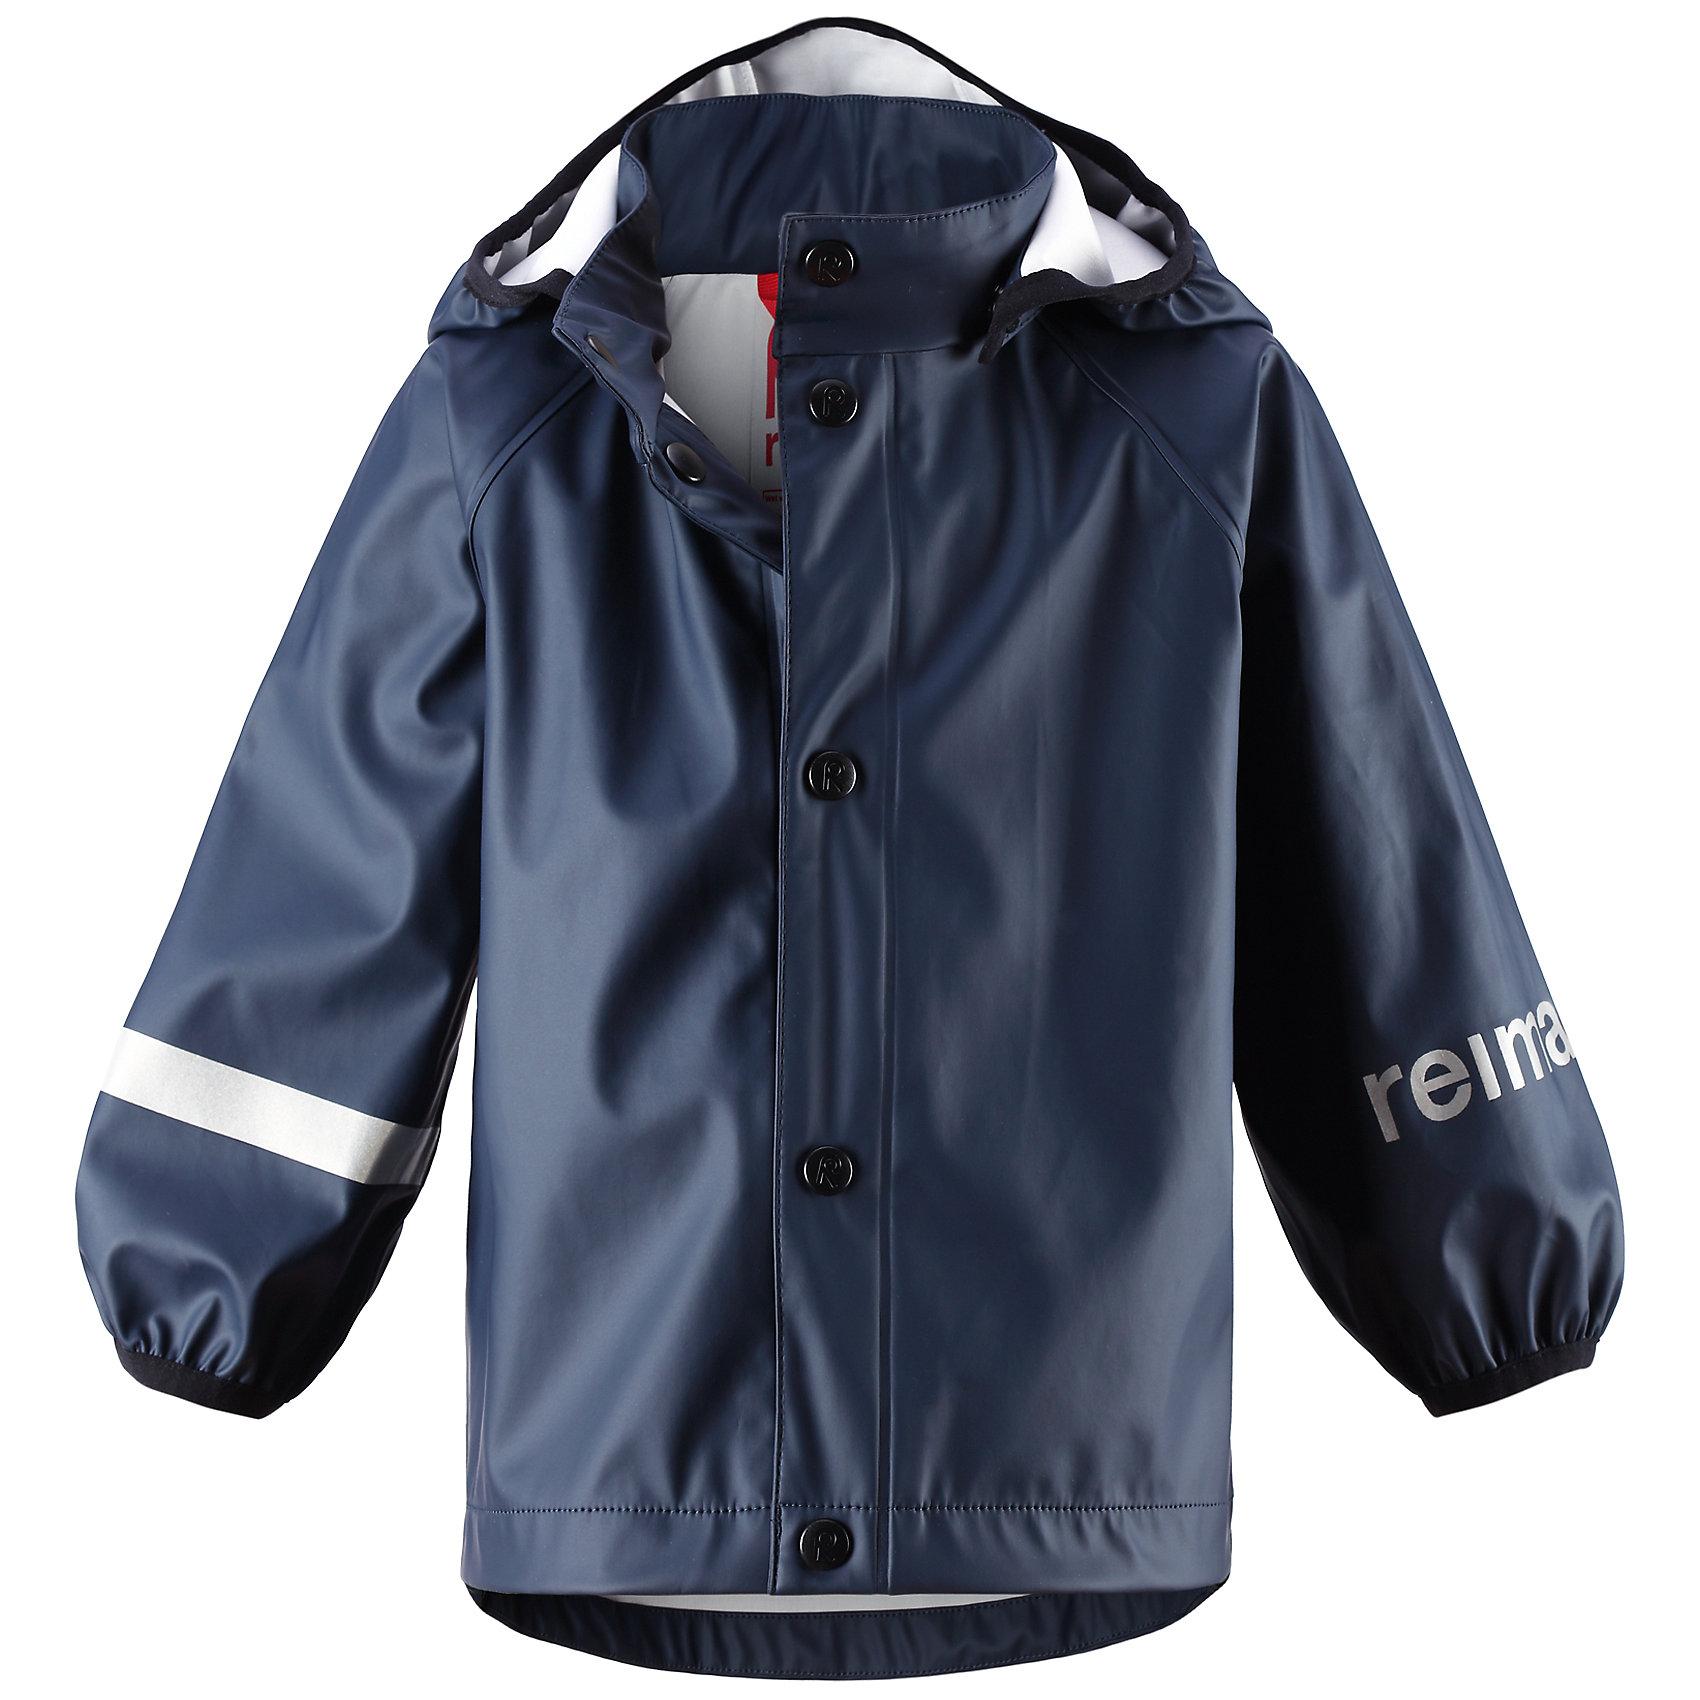 Куртка-дождевик для мальчика ReimaКуртка-дождевик для мальчика от финской марки Reima.<br>Что может быть веселее чем попрыгать под дождем? Дождевик Lampi обеспечит ребенку сухие плечи.<br><br>* Эластичный и износостойкий материал<br>* Запаянные швы<br>* Съемный капюшон<br>* Эластичные манжеты<br><br>Состав:<br>100% Полиэстер<br><br>Ширина мм: 356<br>Глубина мм: 10<br>Высота мм: 245<br>Вес г: 519<br>Цвет: синий<br>Возраст от месяцев: 6<br>Возраст до месяцев: 9<br>Пол: Мужской<br>Возраст: Детский<br>Размер: 74,86,92,98,80<br>SKU: 4161278